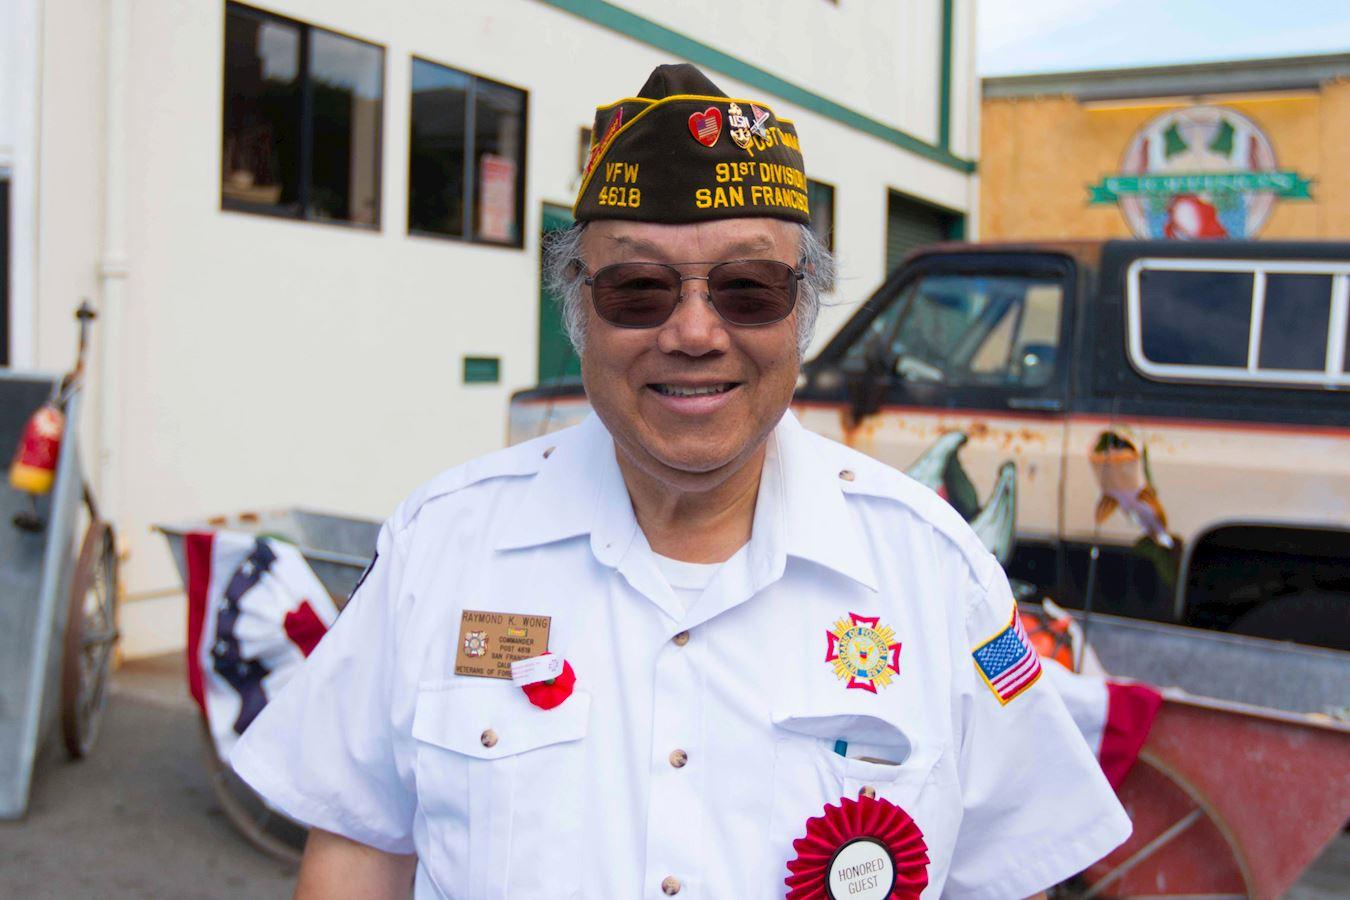 美国退伍军人协会第十五分会指挥官黄国仁表示非常高兴看到法轮功学员参加老兵节游行。(明慧网)